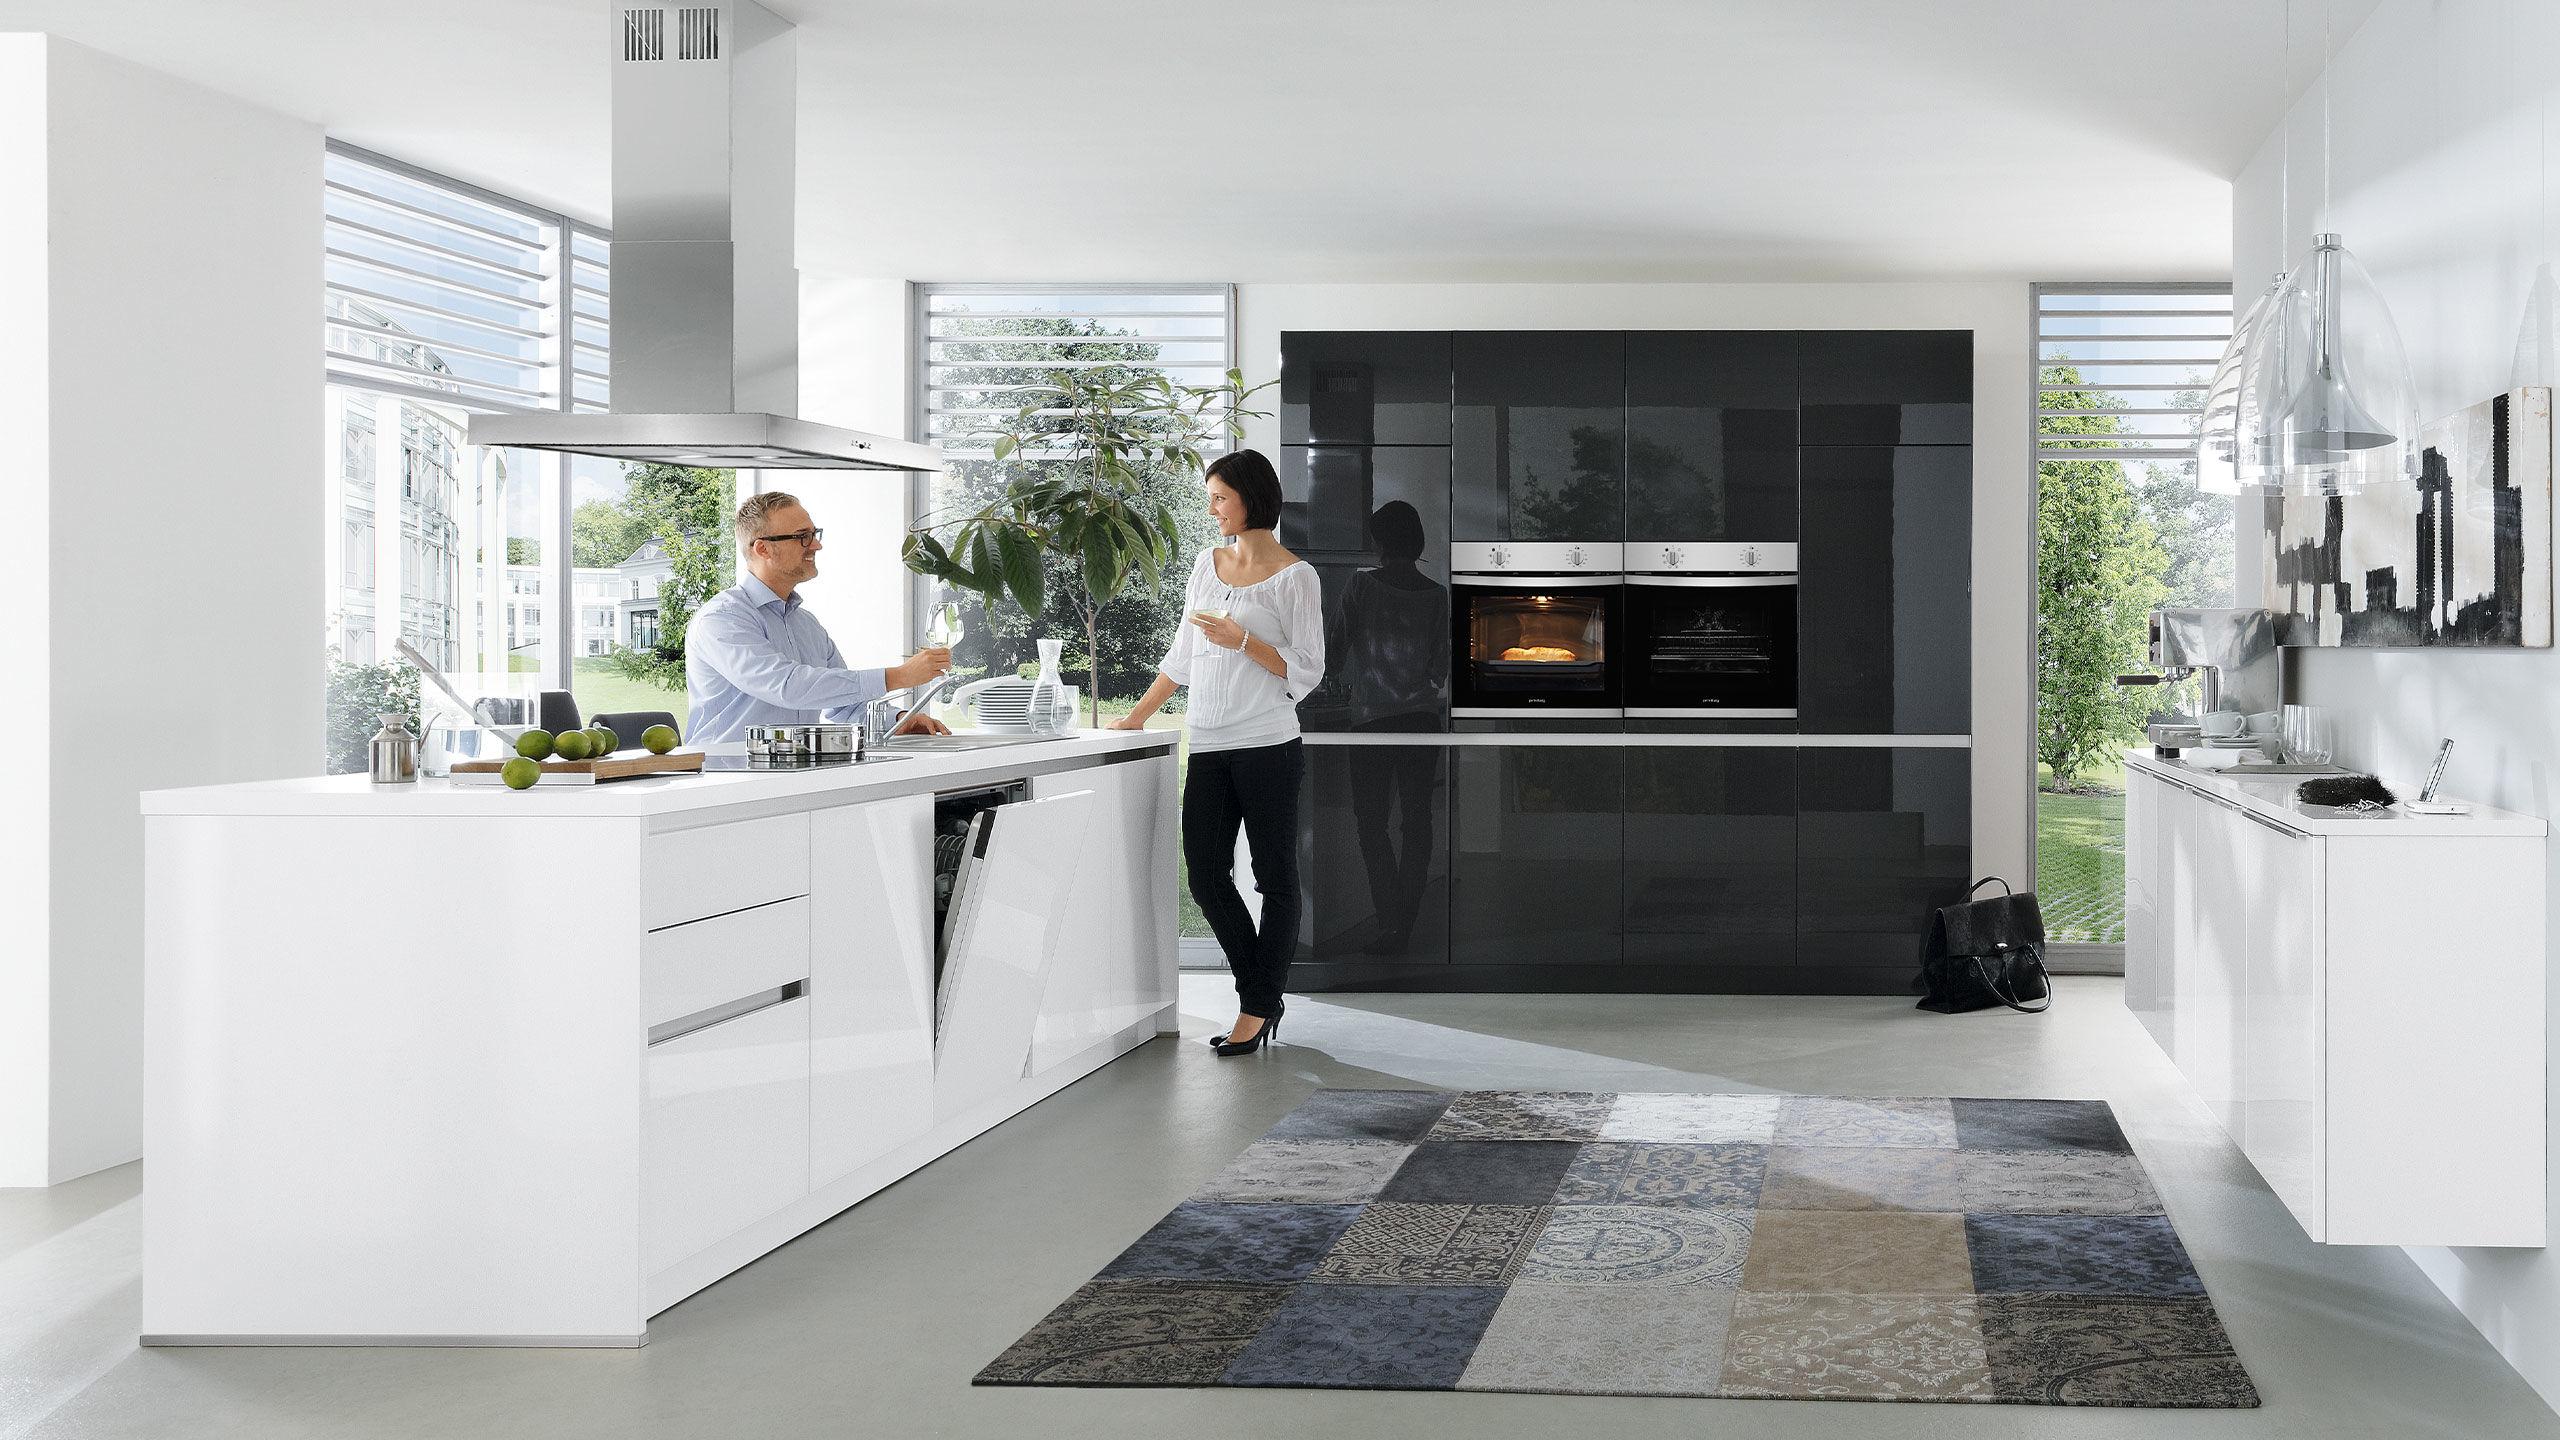 Full Size of Hochglanz Küche Gebraucht Kaufen Hochglanz Küche Zu Verkaufen Schwarze Hochglanz Küche Erfahrungen Hochglanz Küche Ohne Griffe Küche Hochglanz Küche